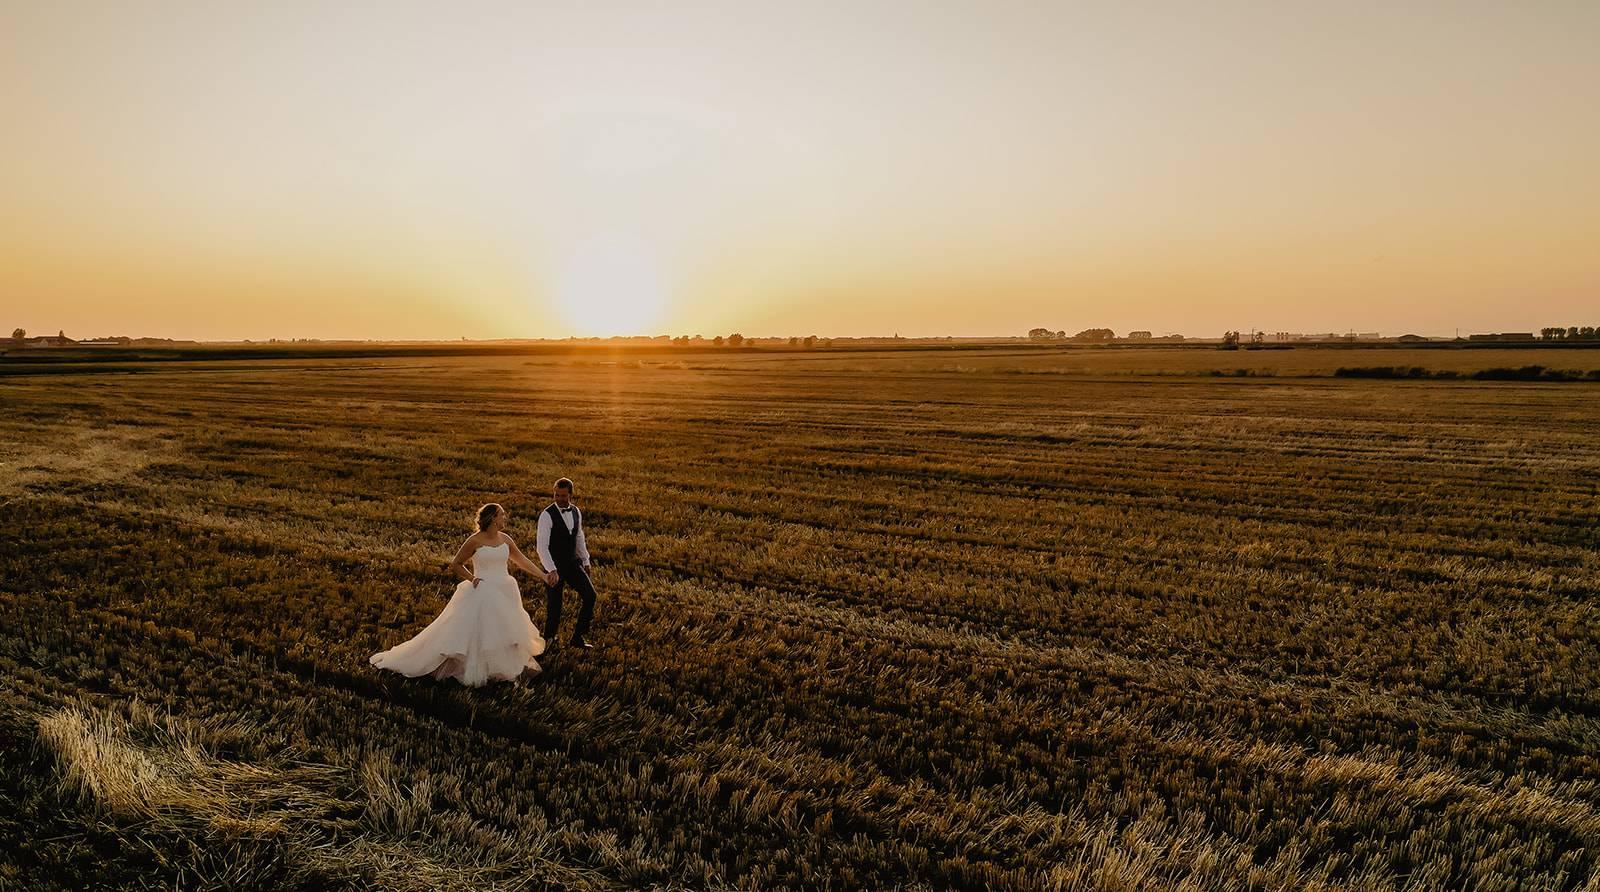 LUX Visual Storytellers - House of Weddings2-1